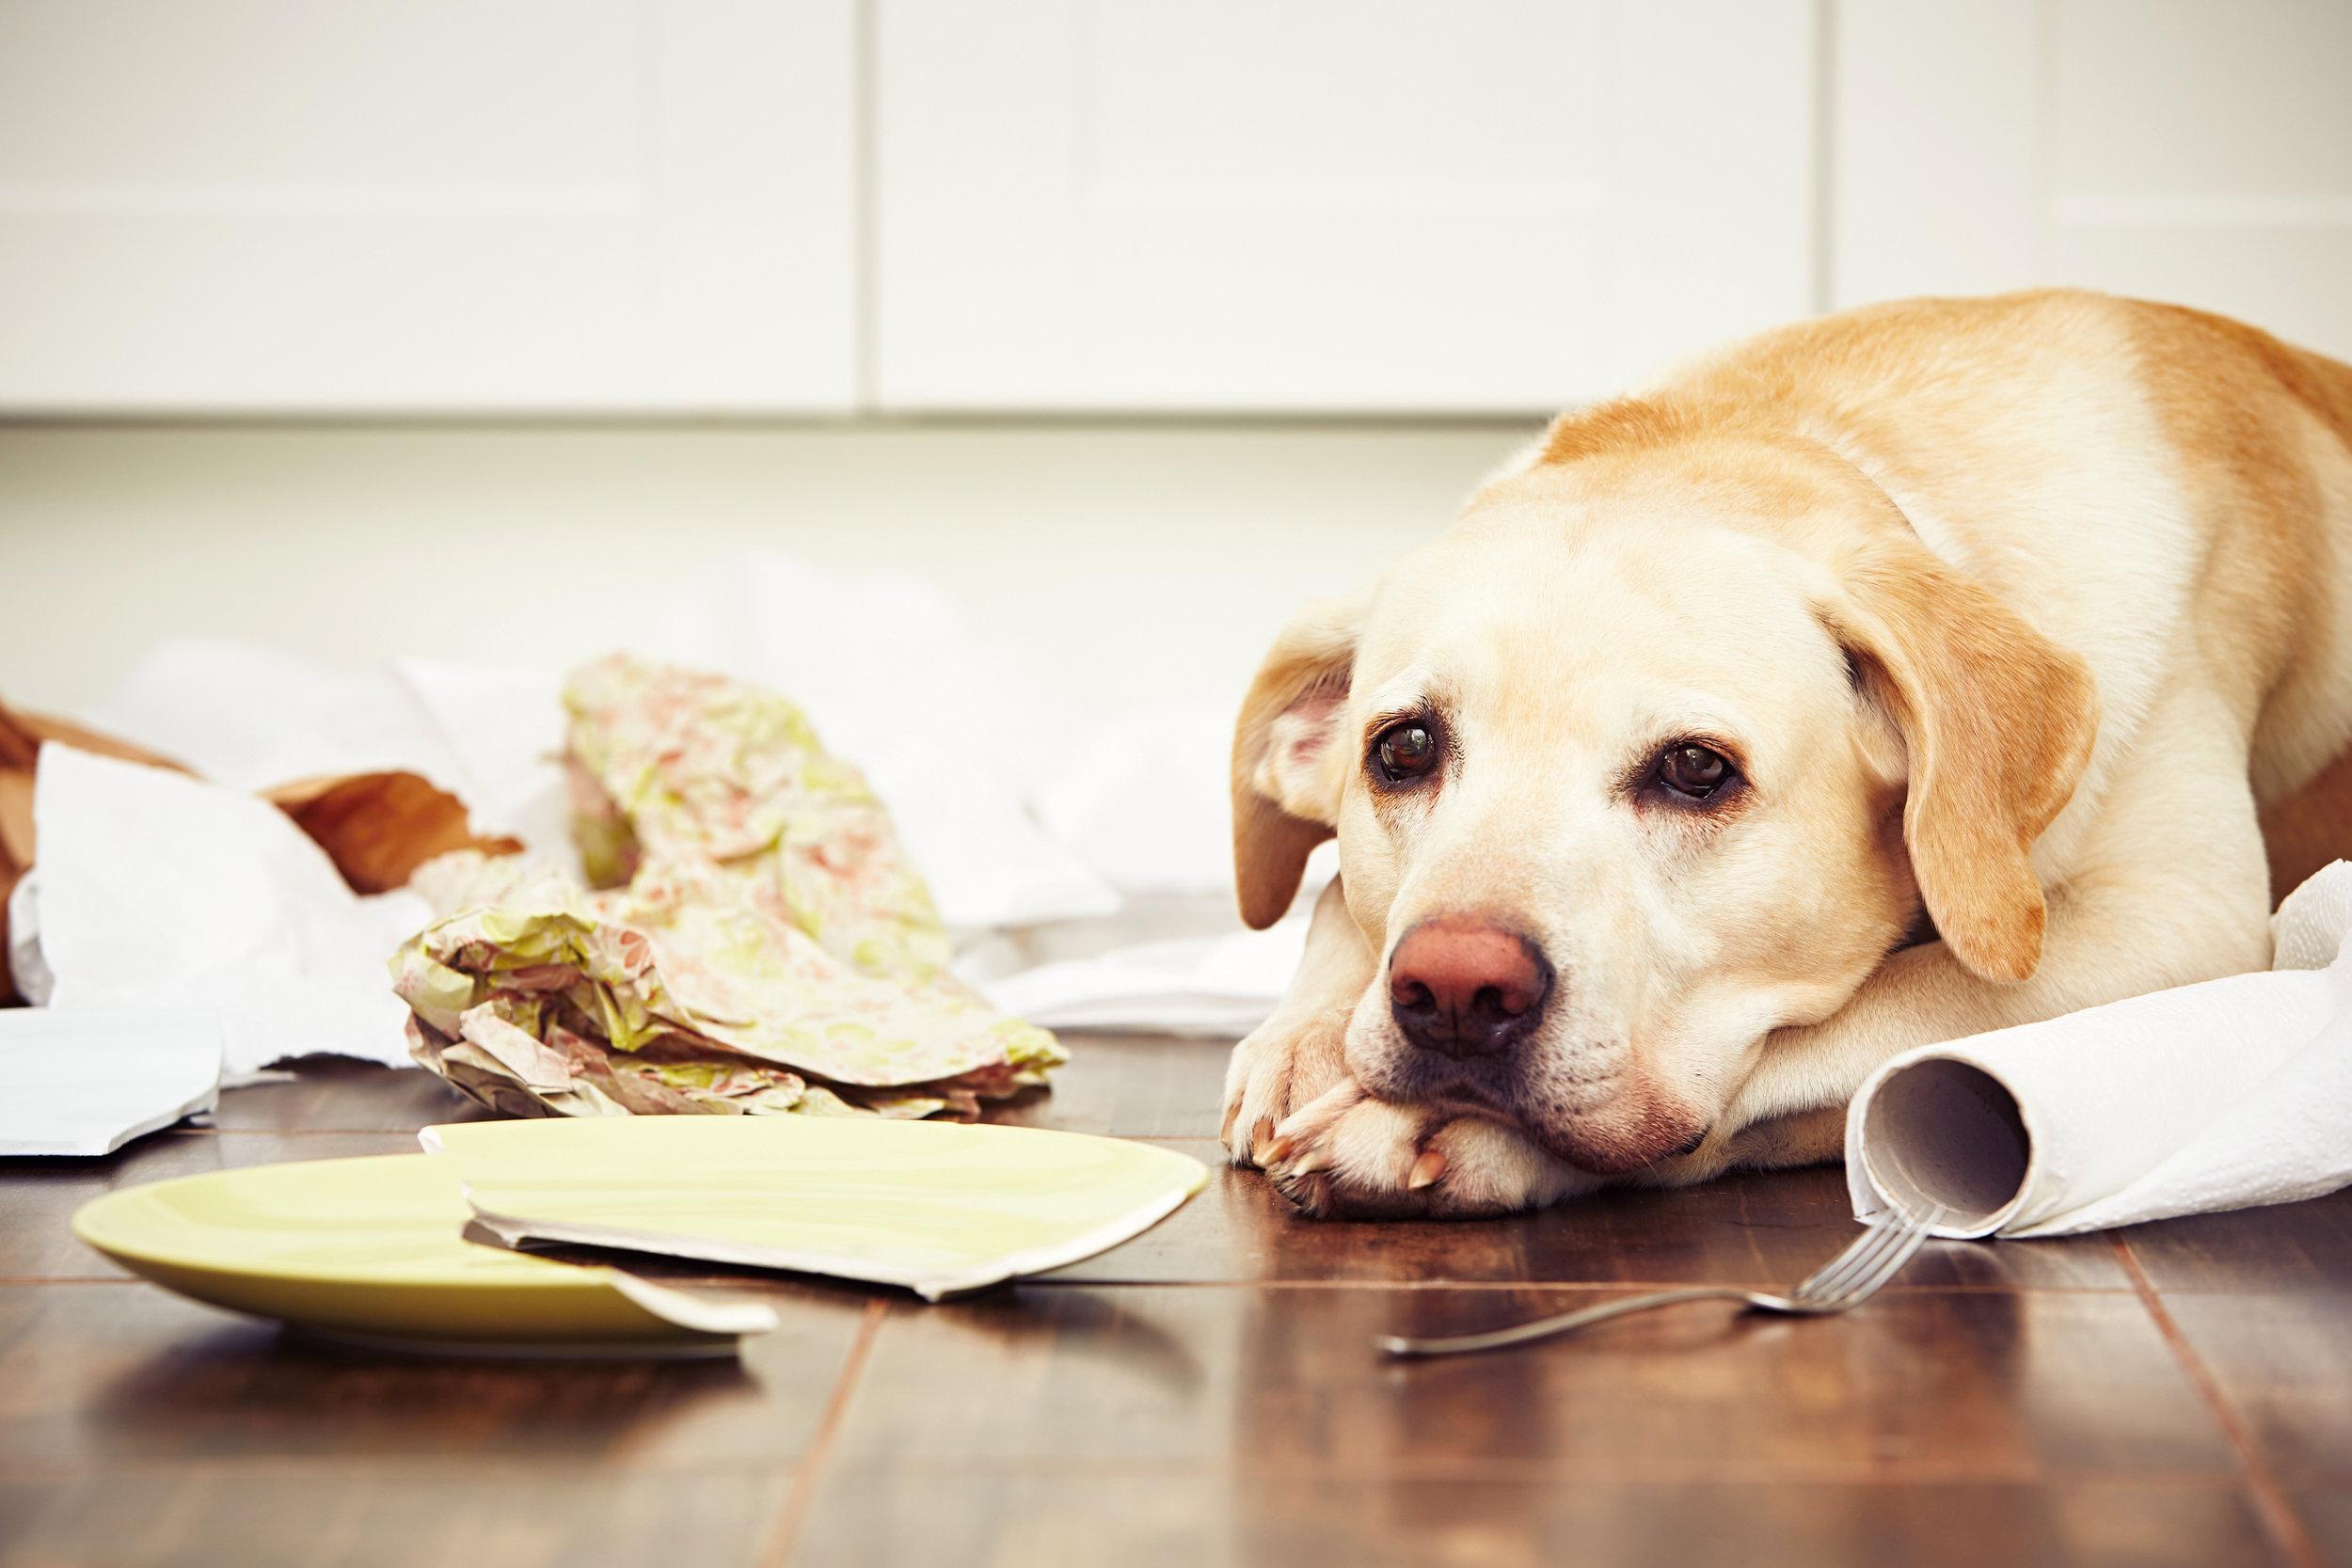 Naughty-dog-497383440_3869x2579.jpeg